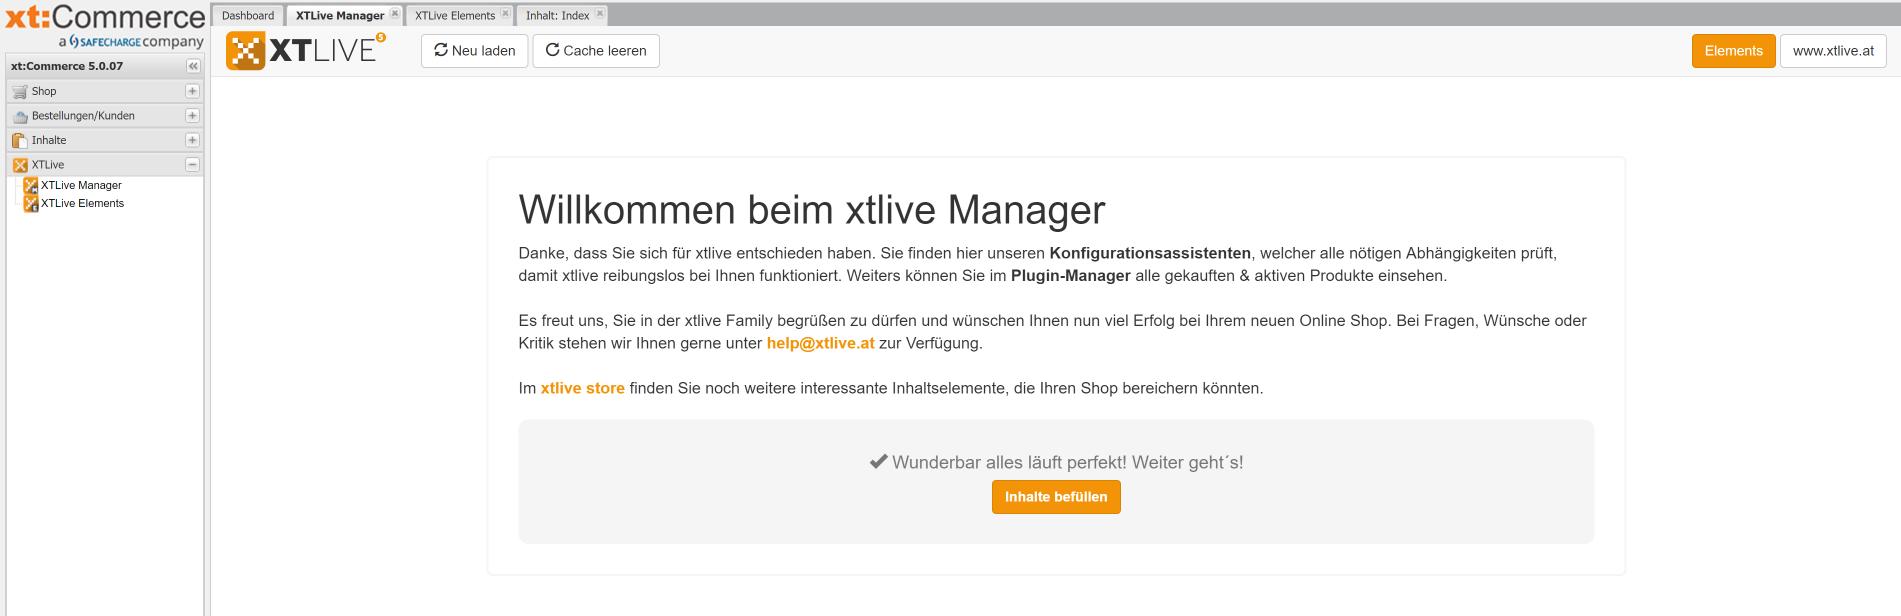 xtlive manager, xt:commerce, xtlive, Hack4Life, Fabian Geissler, XeroGrafiX, xgx, Test, CMS, Baukastensystem